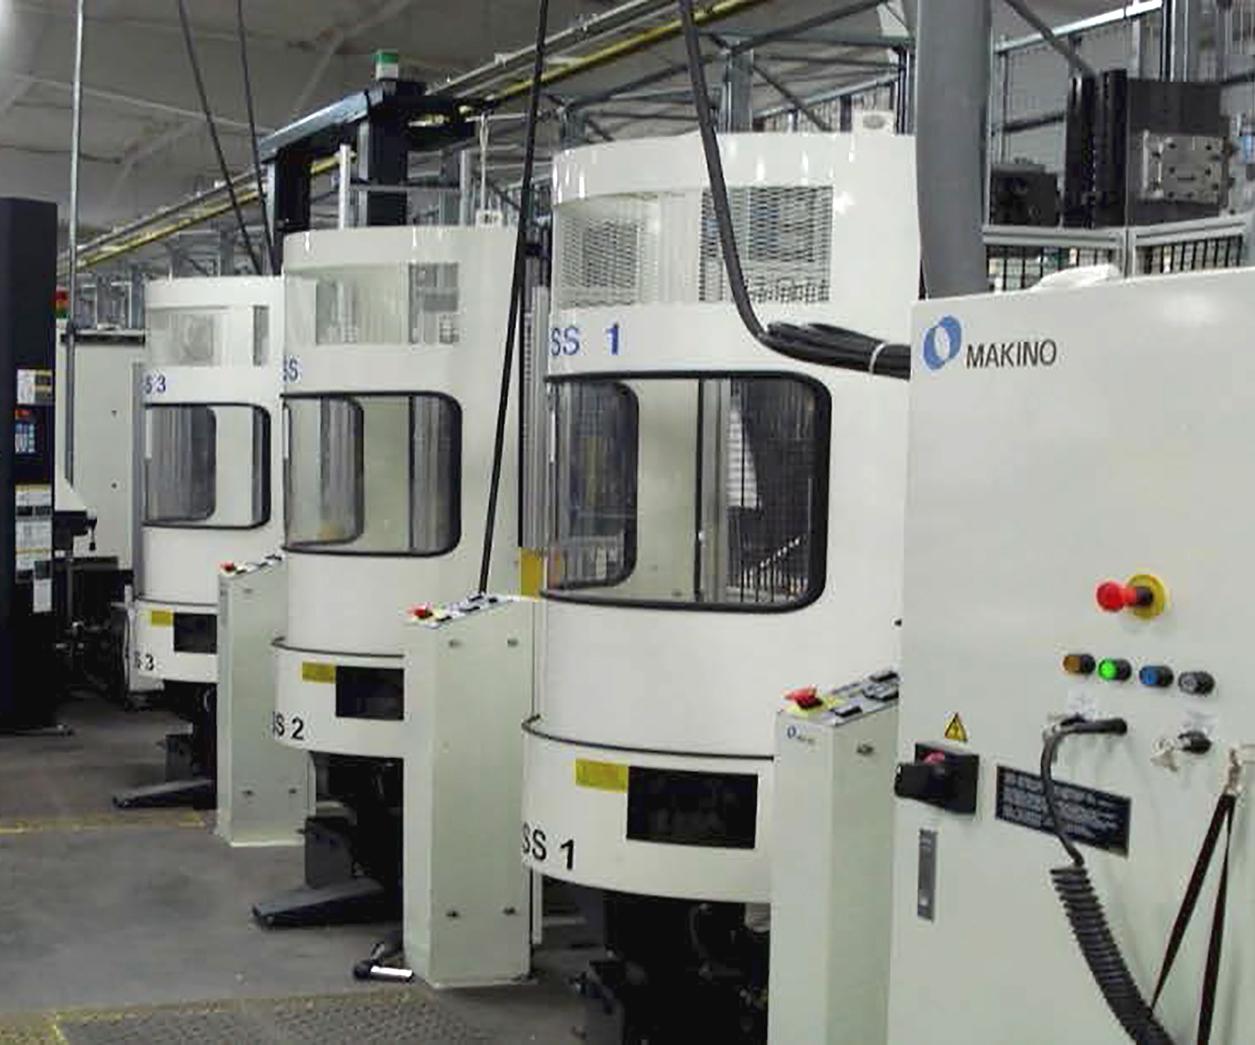 Este Makino FMS es uno de los dos sistemas de este tipo en Steelville Manufacturing. El vicepresidente de ingeniería, John Bell, dice que la adopción de la automatización por parte de la compañía ha sido un cambio de estrategia para la compañía.